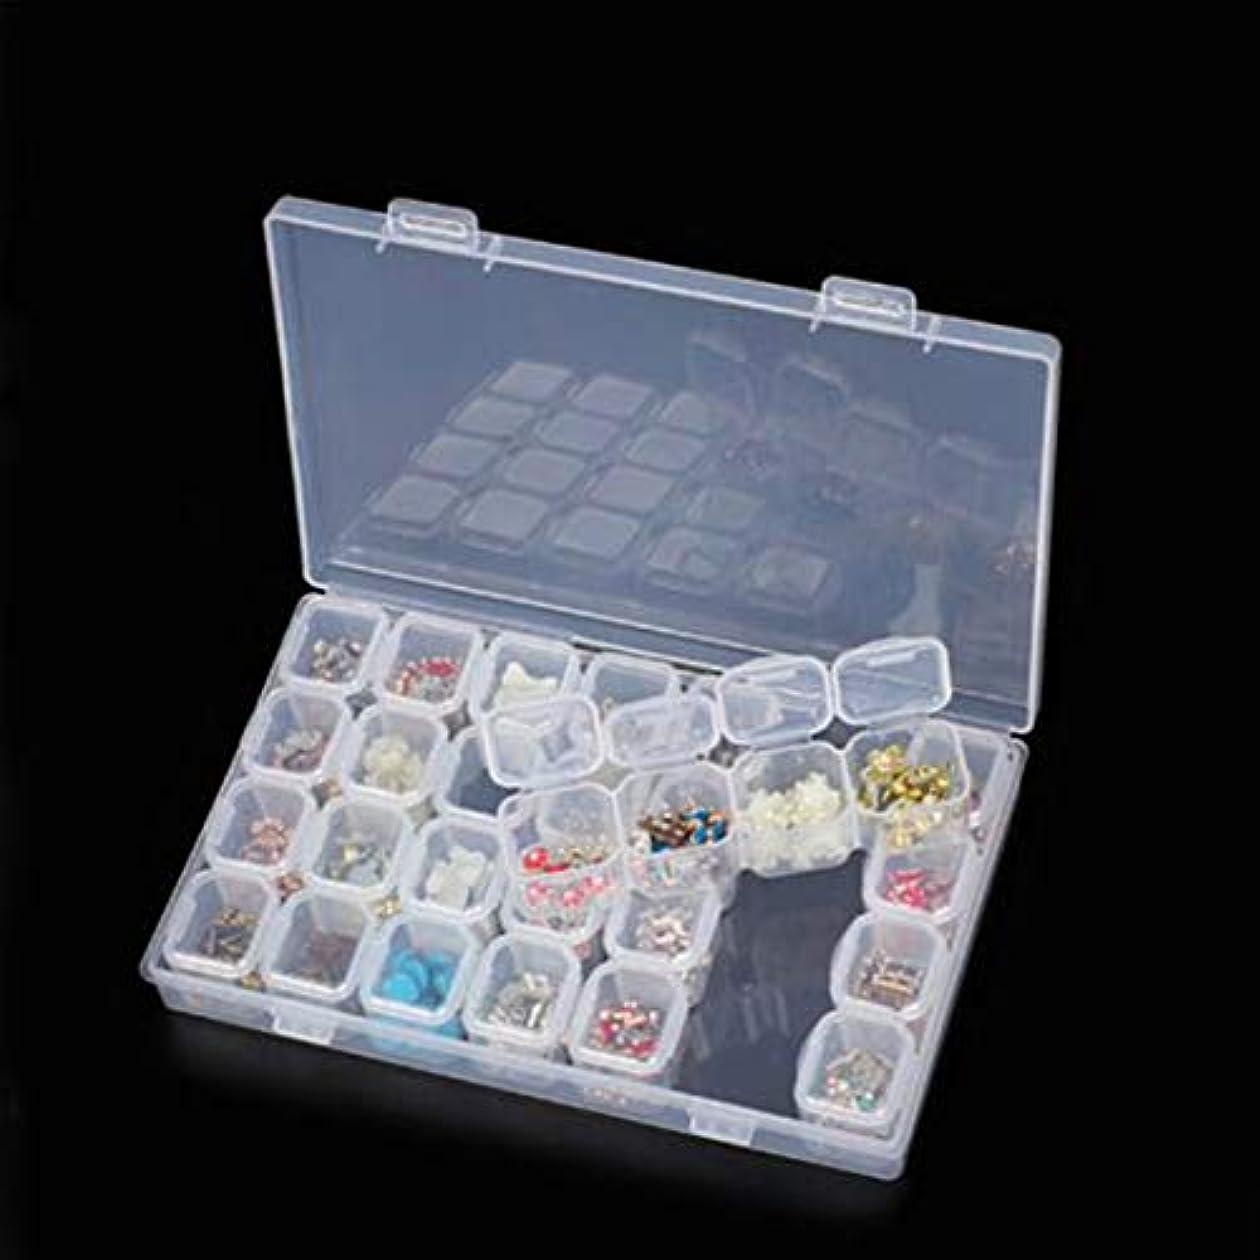 分注する余暇シャトル28スロットプラスチック収納ボックスボックスダイヤモンド塗装キットネールアートラインツールズ収納収納ボックスケースオーガナイザーホルダー